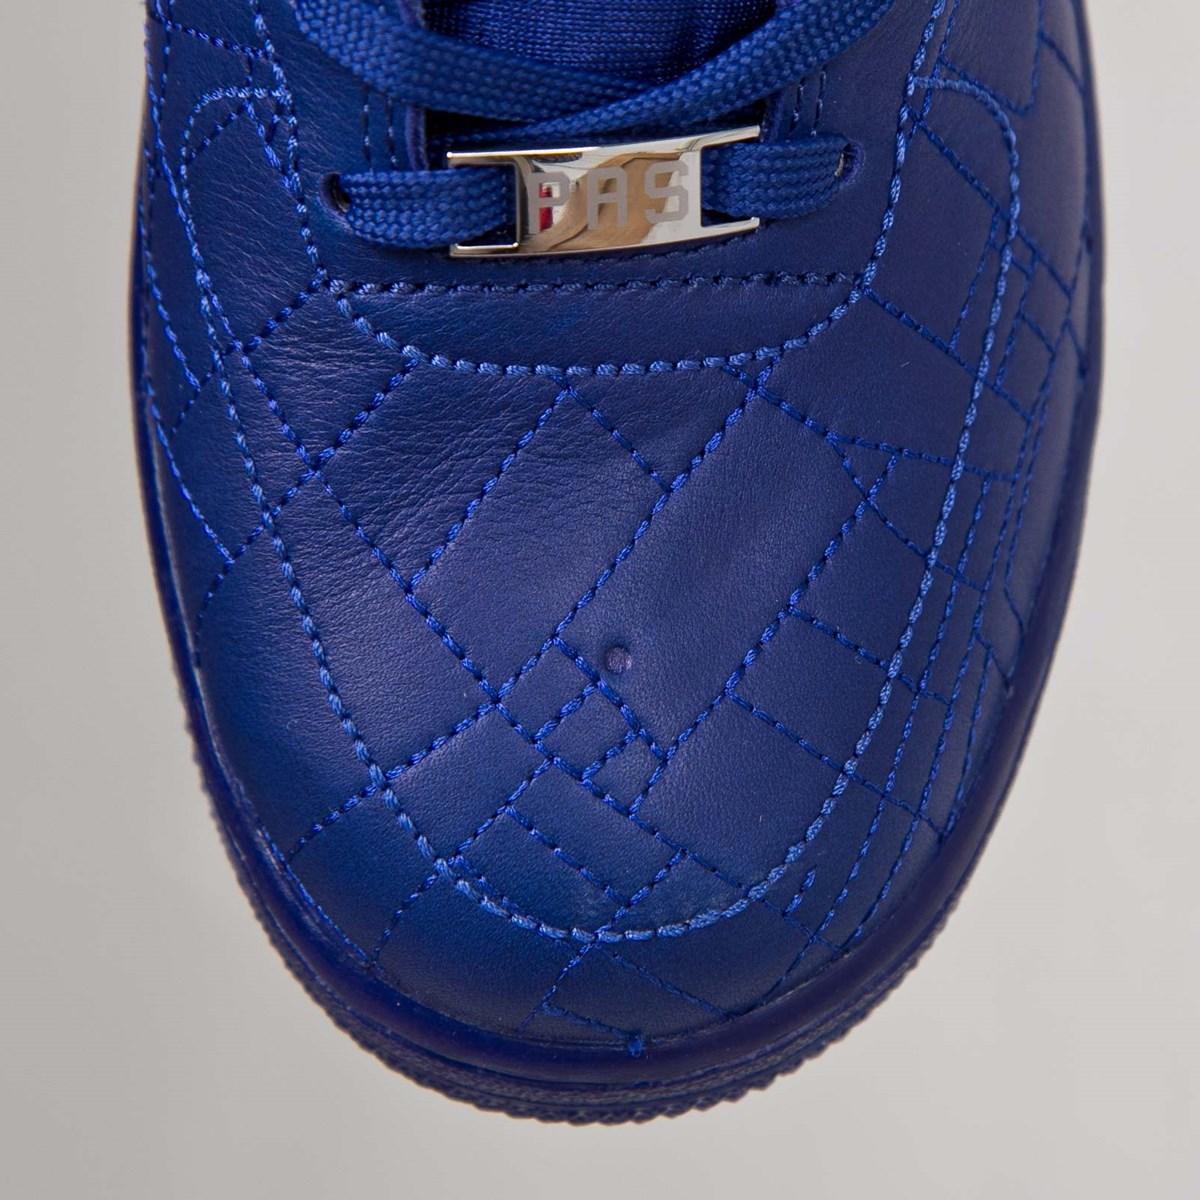 Nike Wmns Air Force 1 Hi FW QS 704010 400 Sneakersnstuff